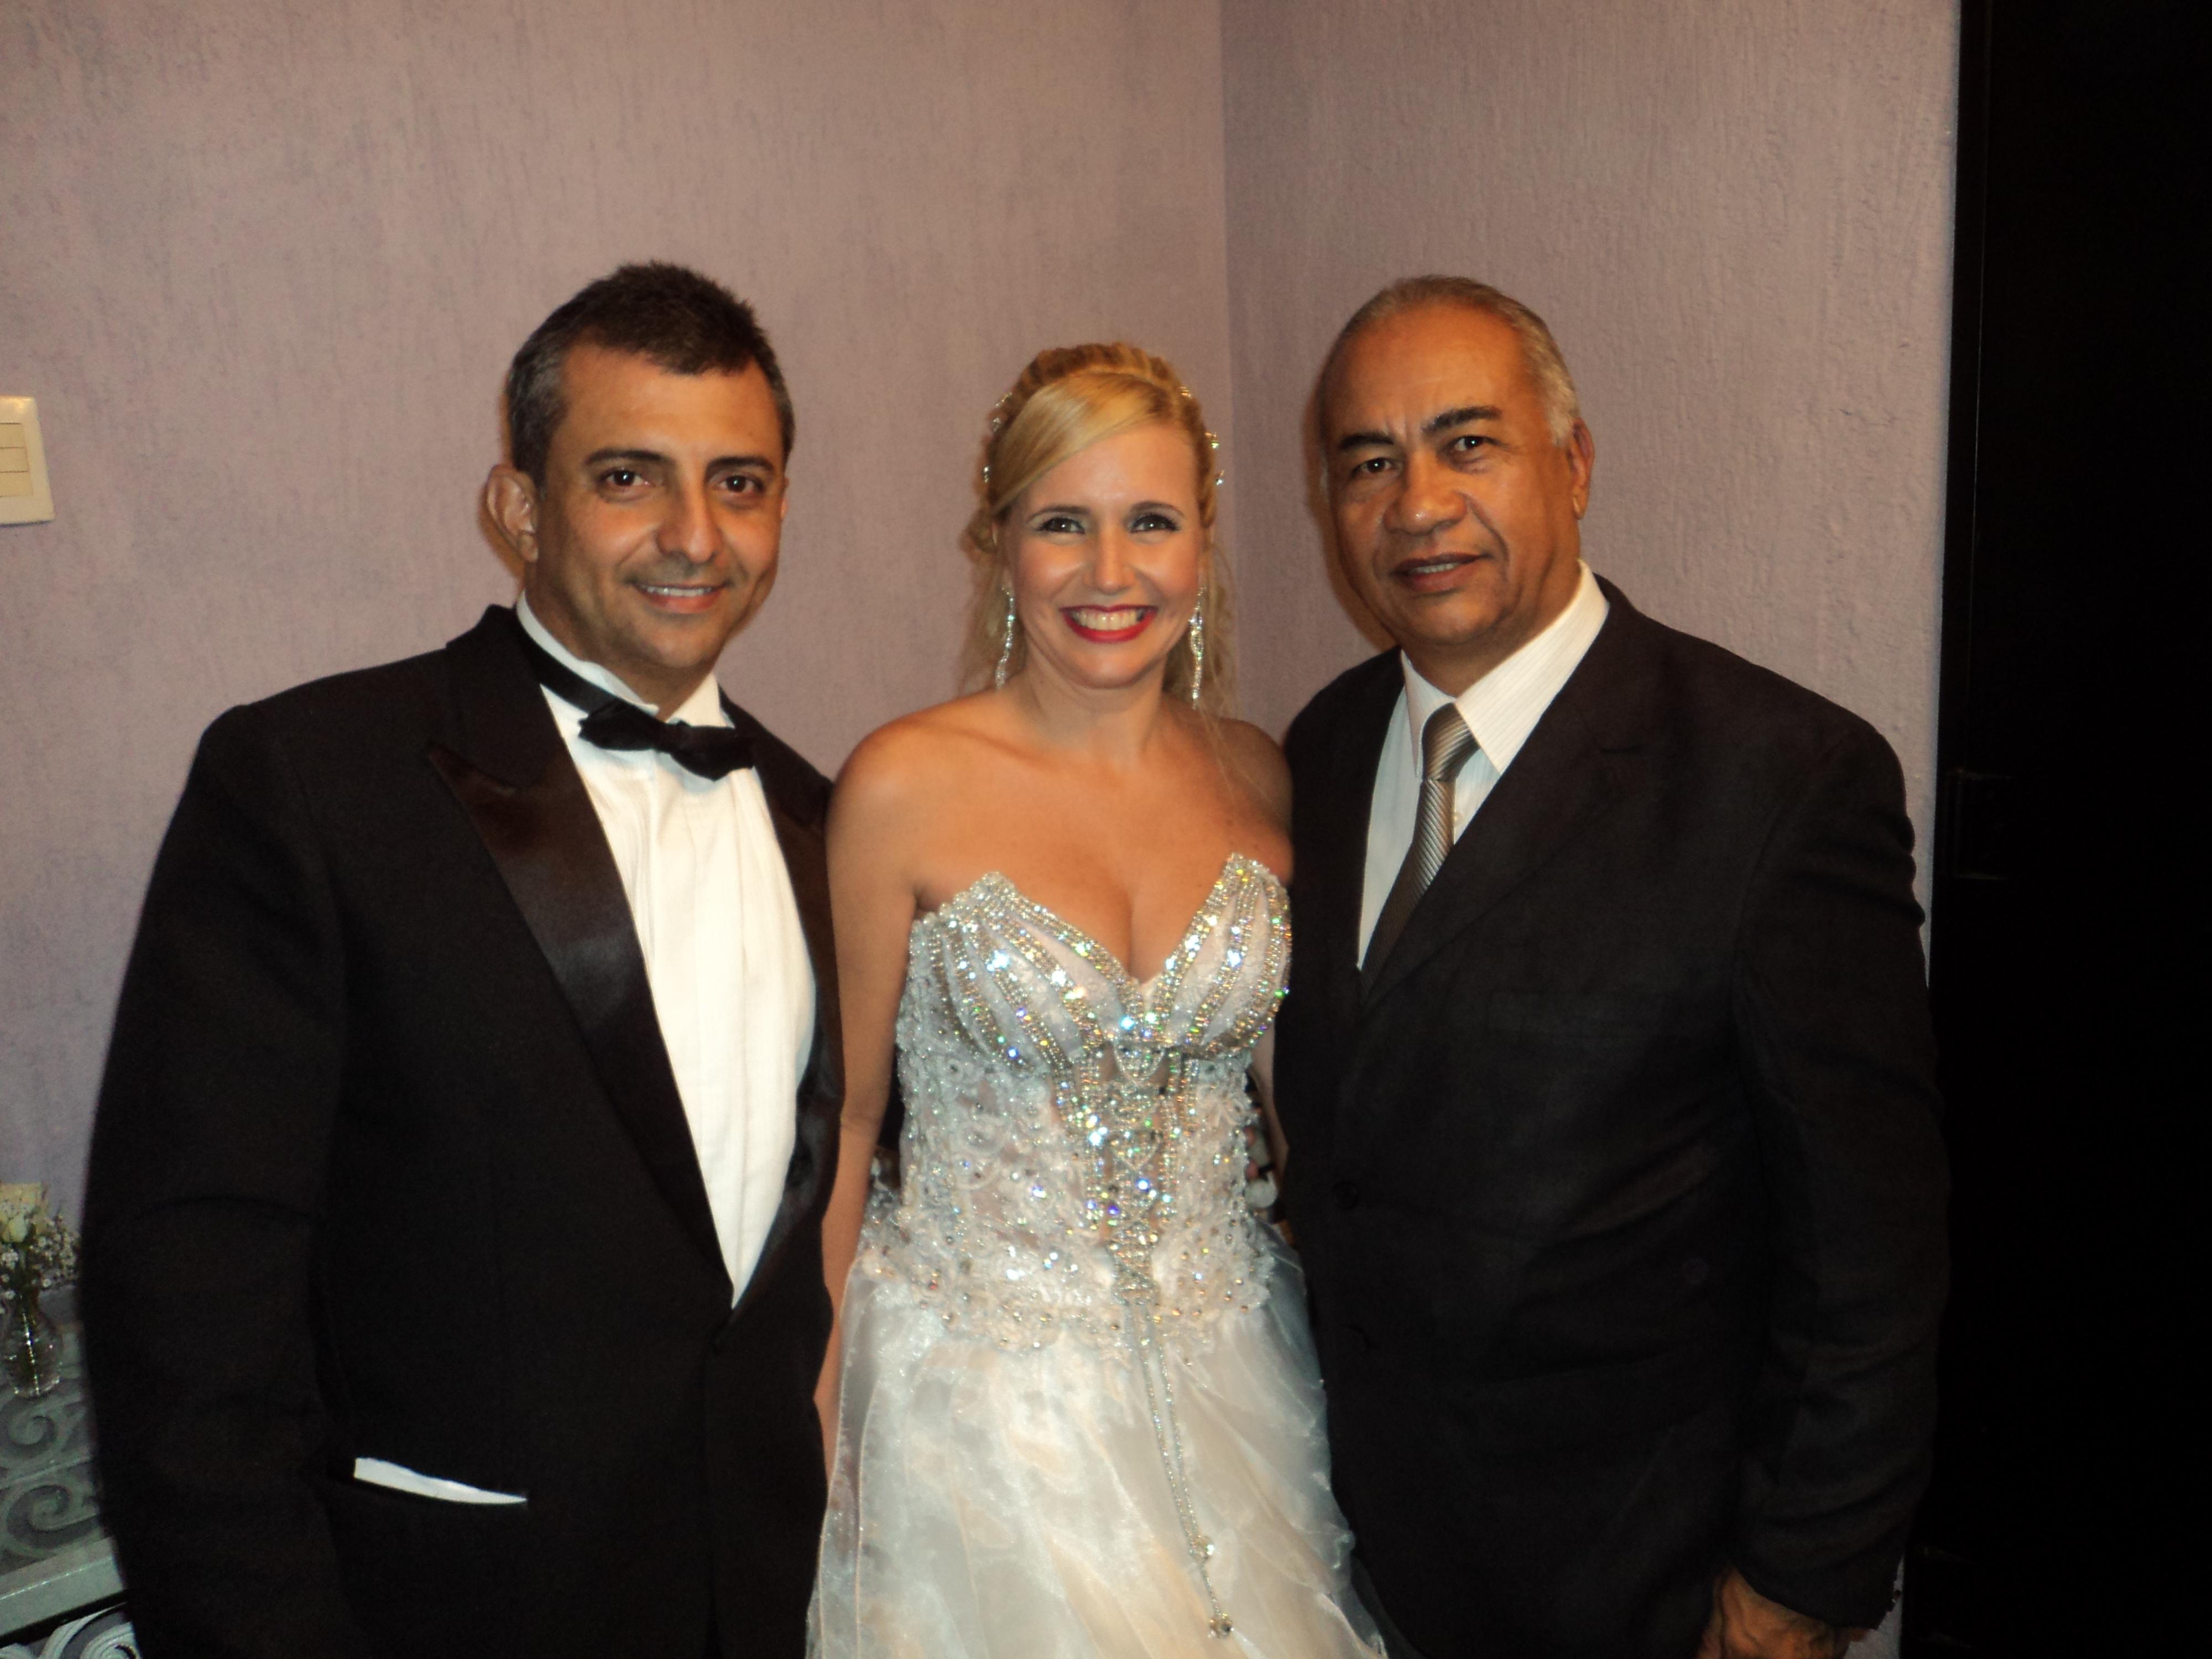 foto Túlio com casal bodas de cristal